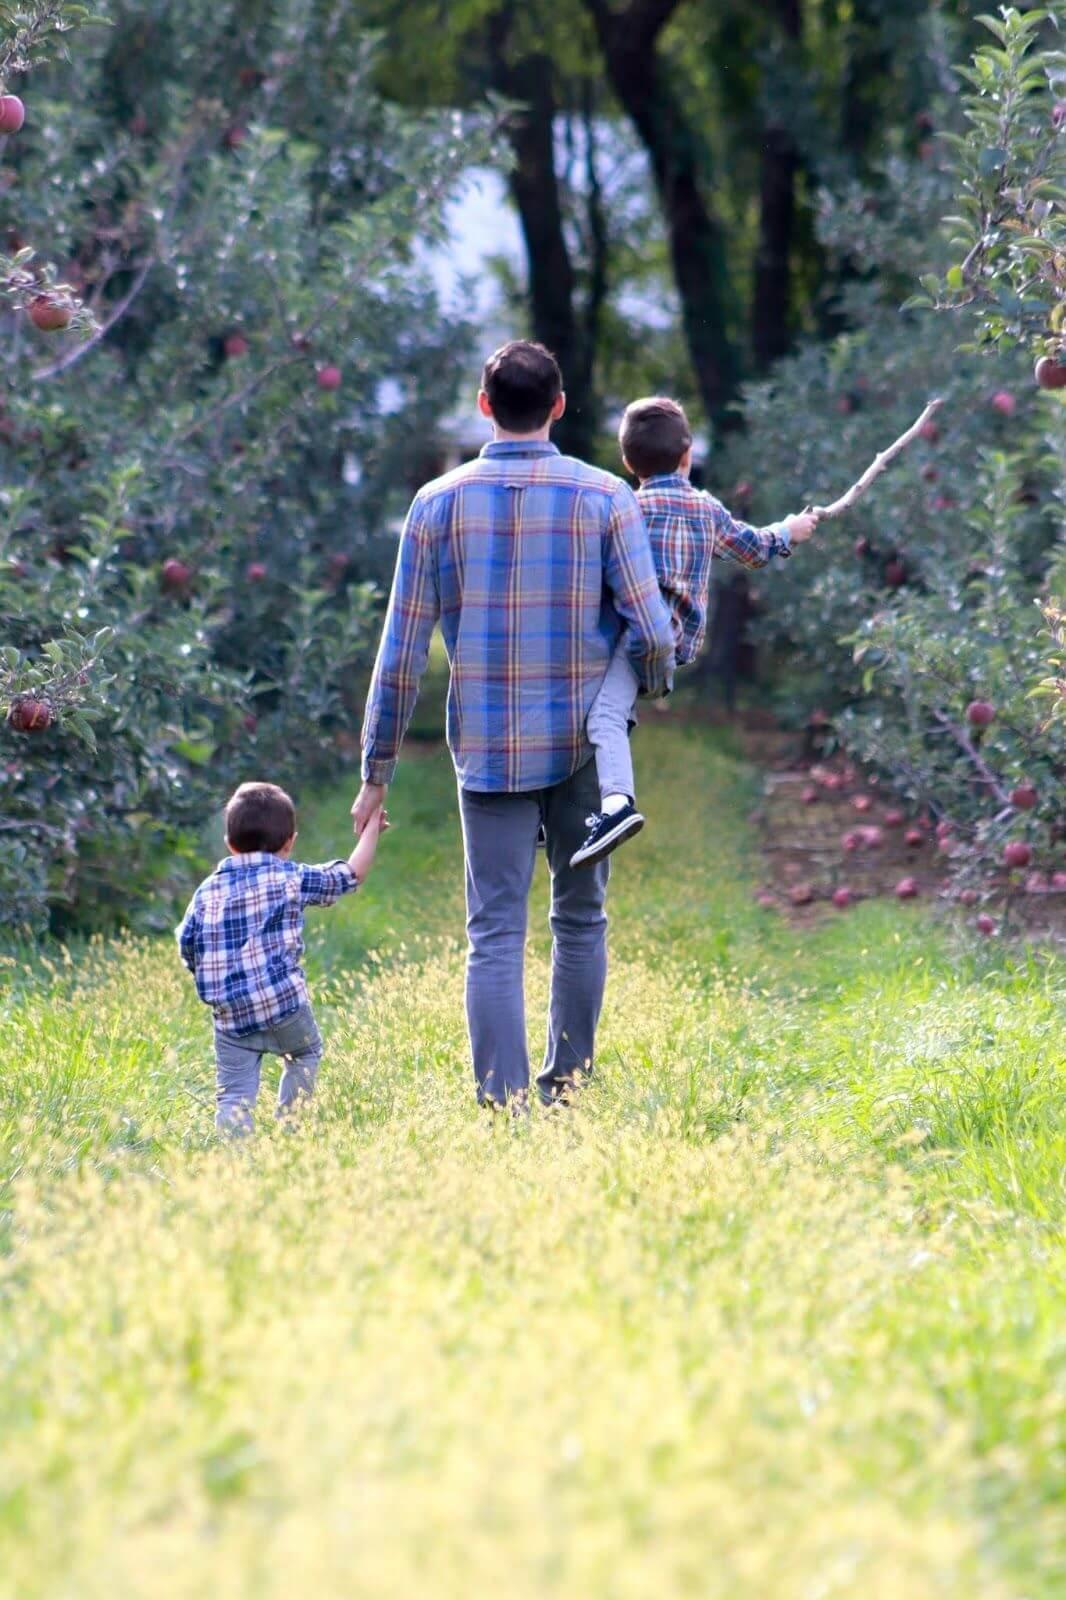 De acordo com a ciência, nós babões temos um filho favorito - Papo de Pai